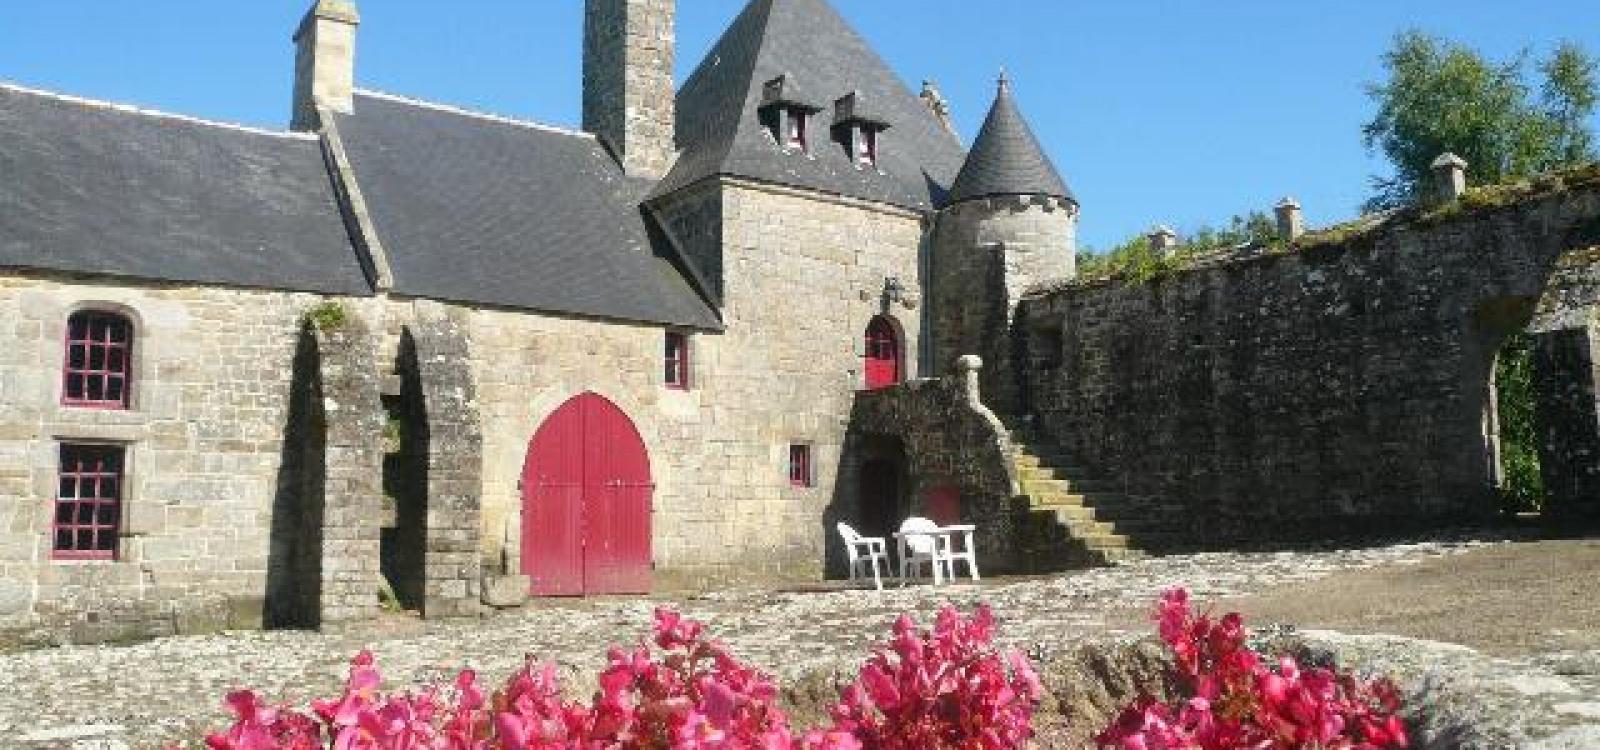 Audierne, Finistère, France, ,Villa,A vendre,1045